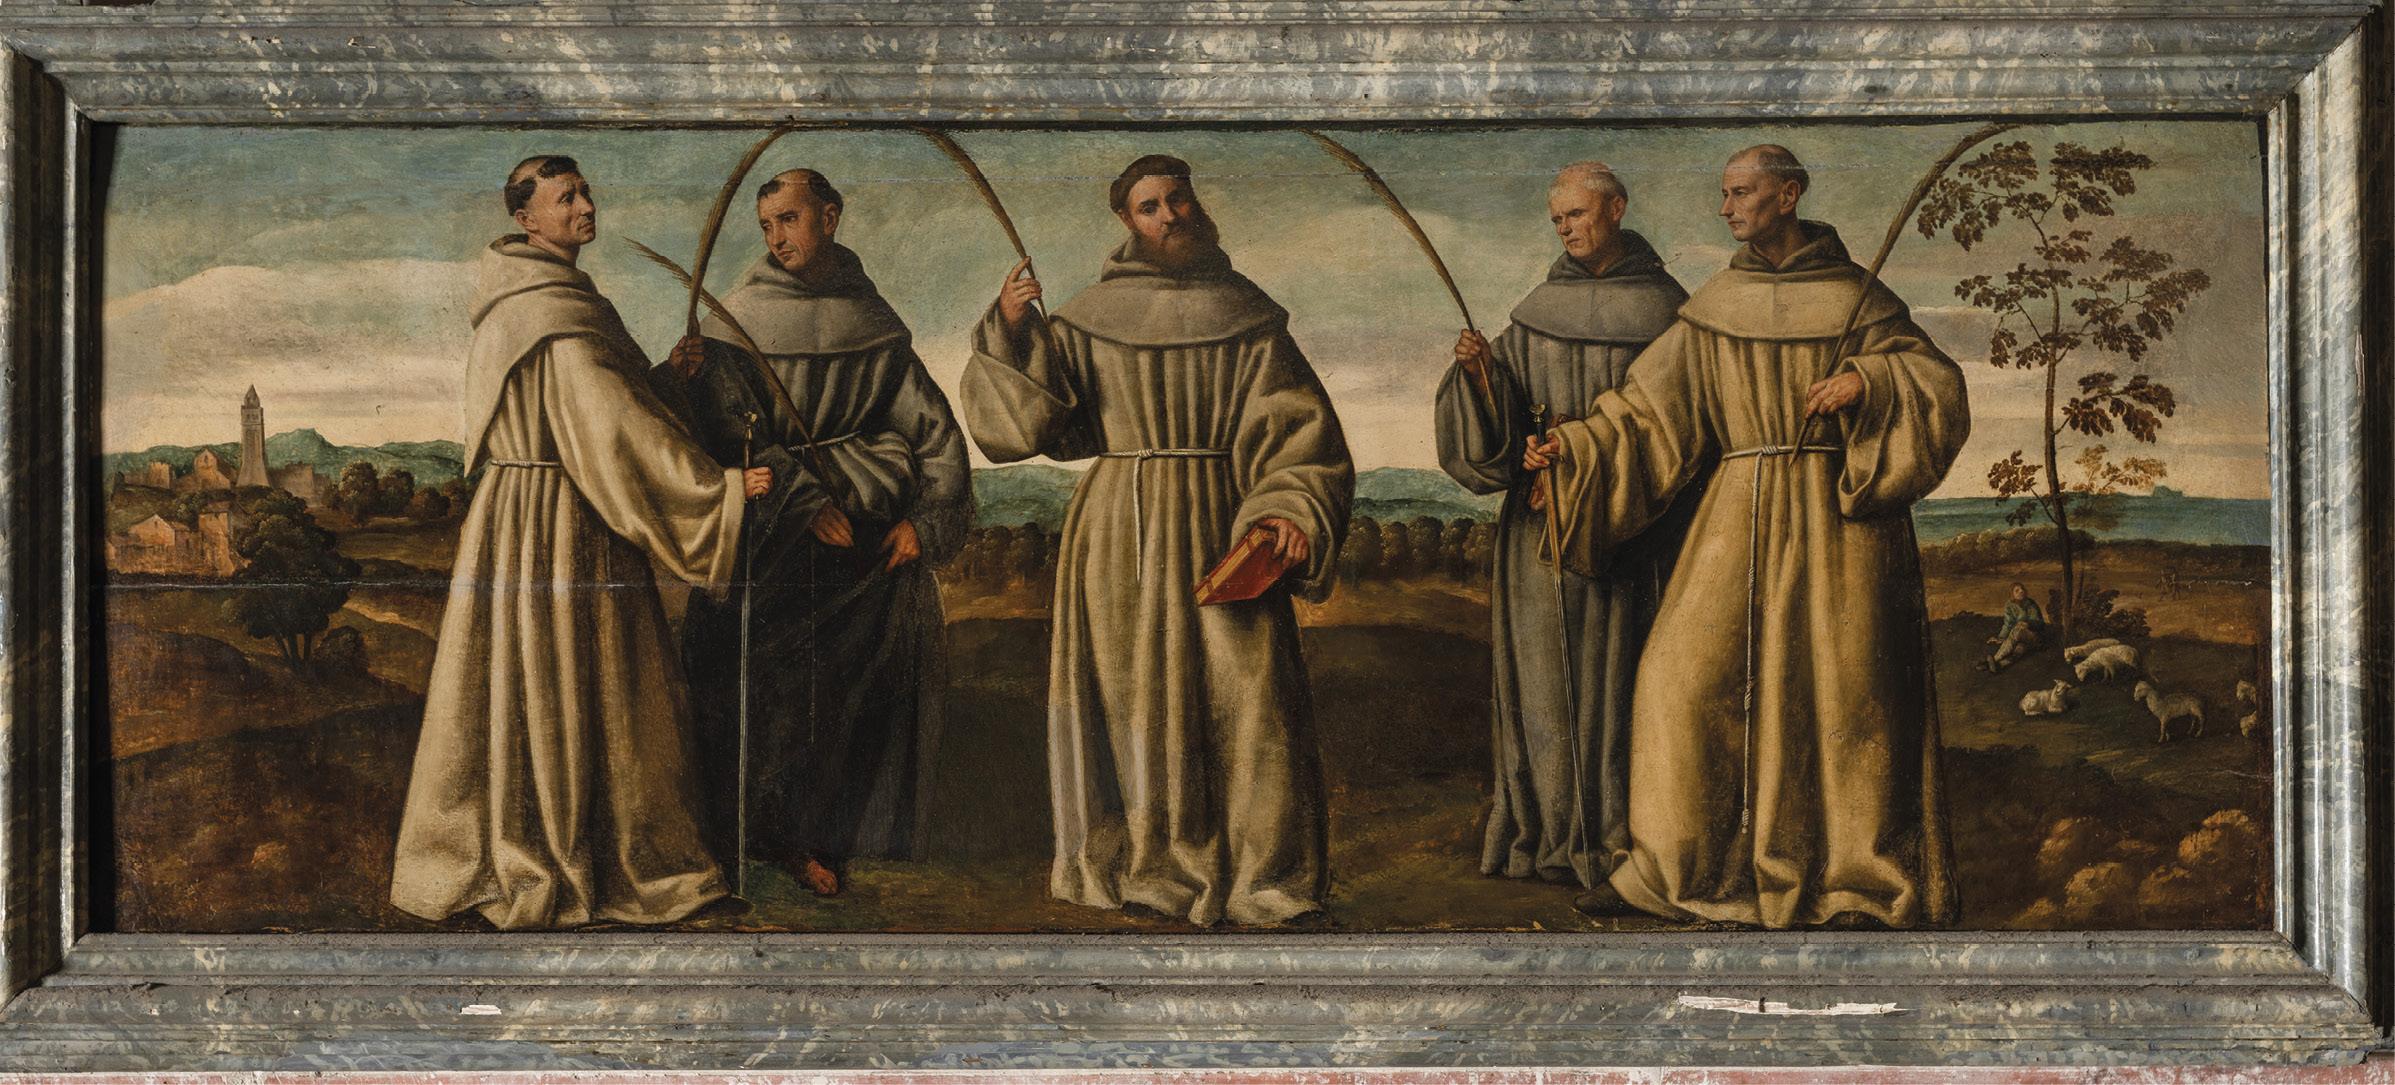 Mártires de Marrocos. Santa Maria Gloriosa dei Frari, Veneza, Itália. Painel de Bernardino Licinio, 1524.